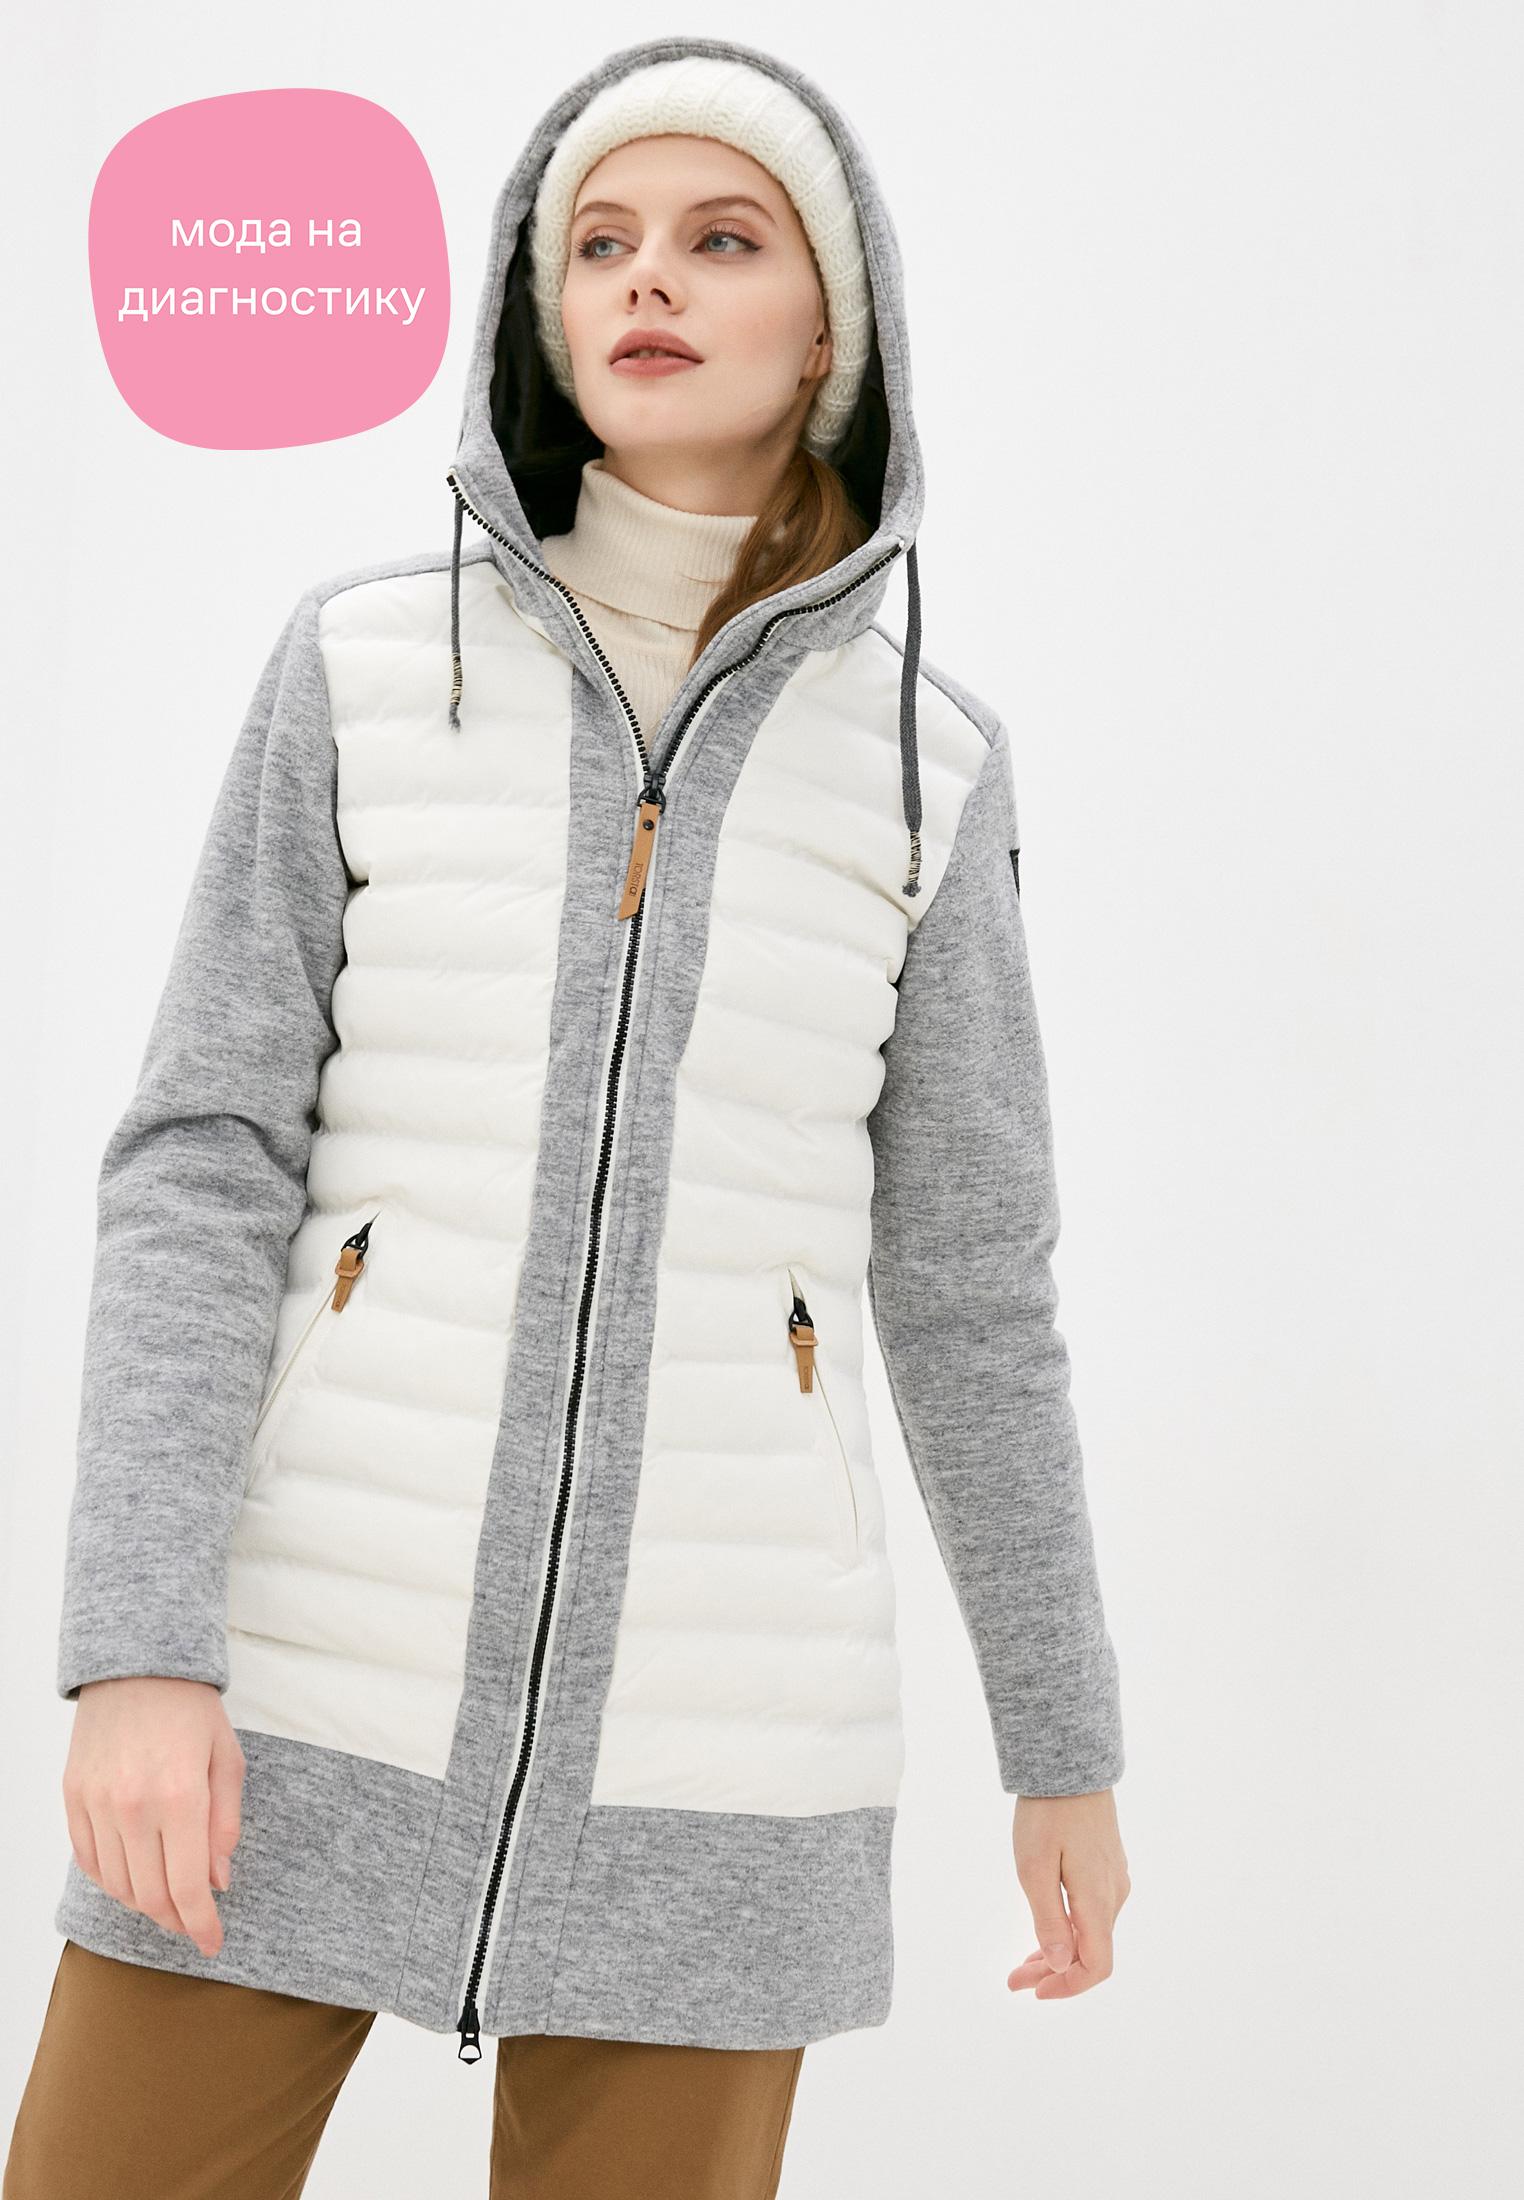 Женская верхняя одежда Torstai 641212002VRU